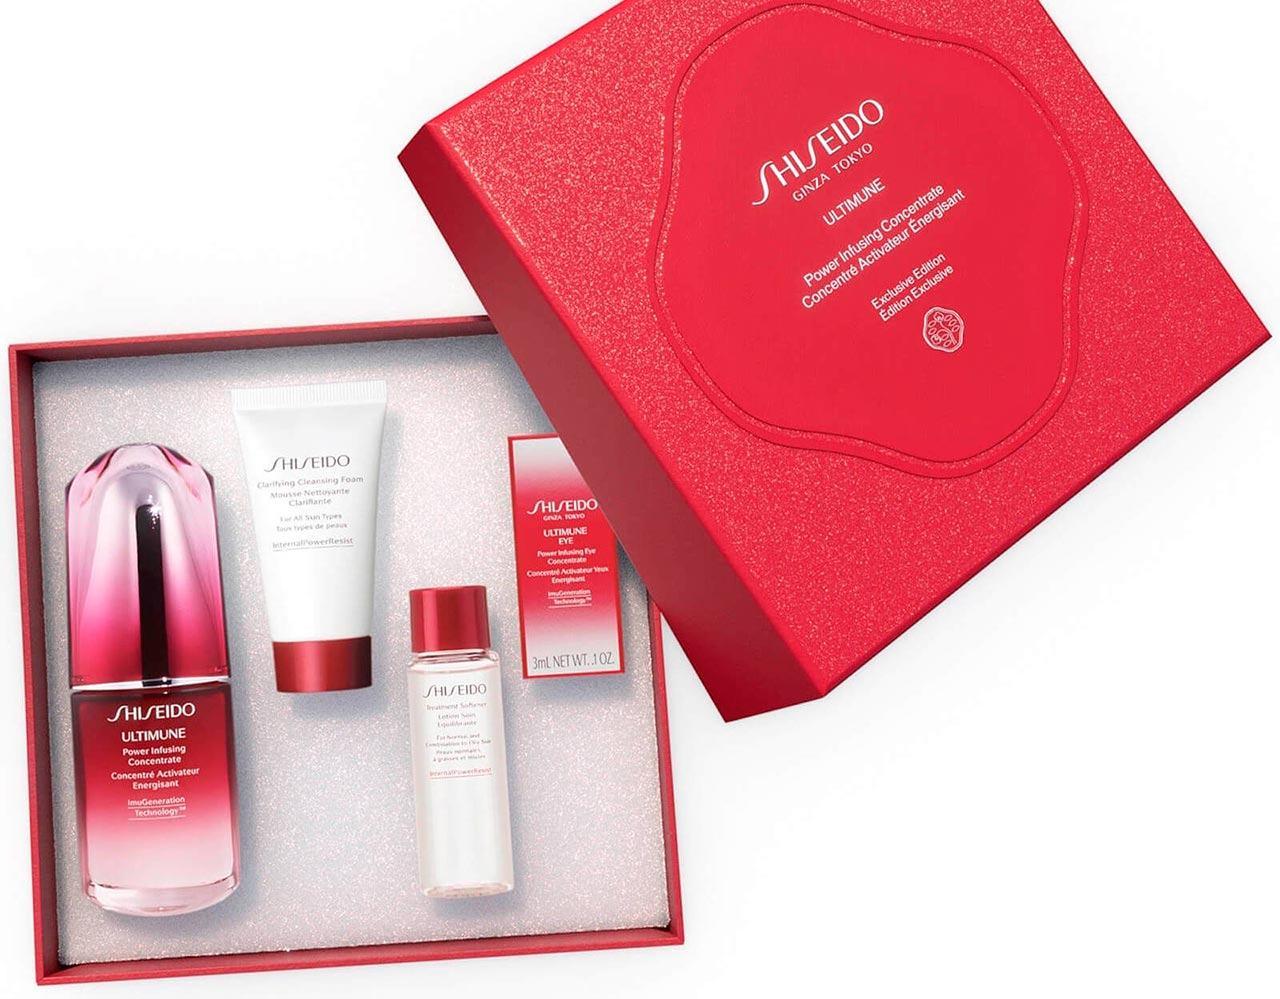 Shiseido Ultimune Holiday Kit